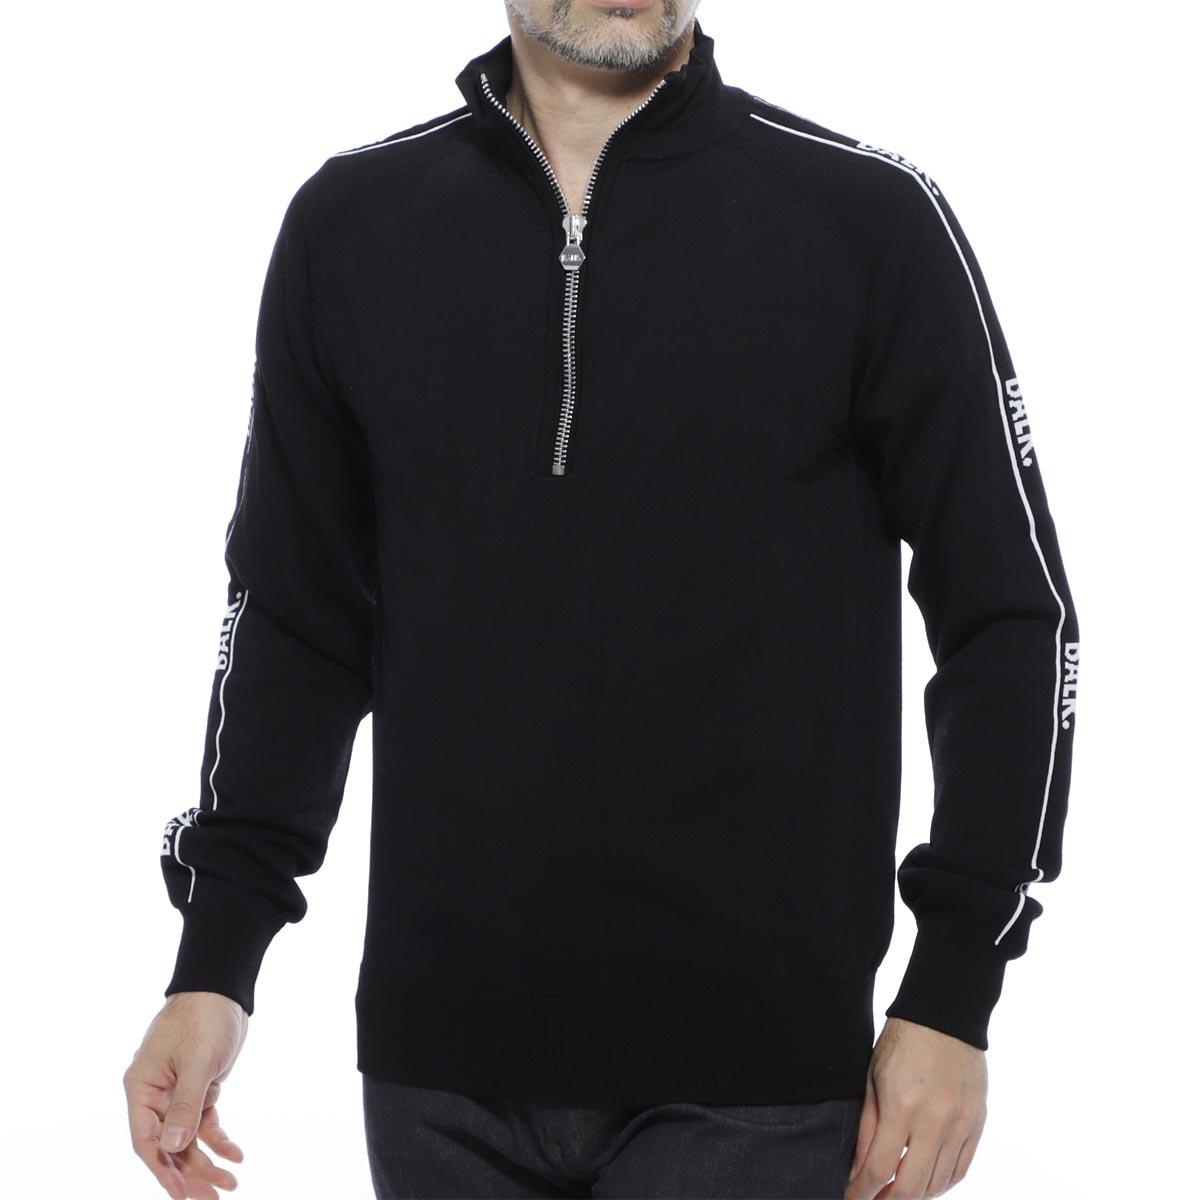 ボーラ― BALR. ハーフジップ 長袖ニット ブラック メンズ brand tape halfzip sweater black BRAND TAPE【あす楽対応_関東】【返品送料無料】【ラッピング無料】